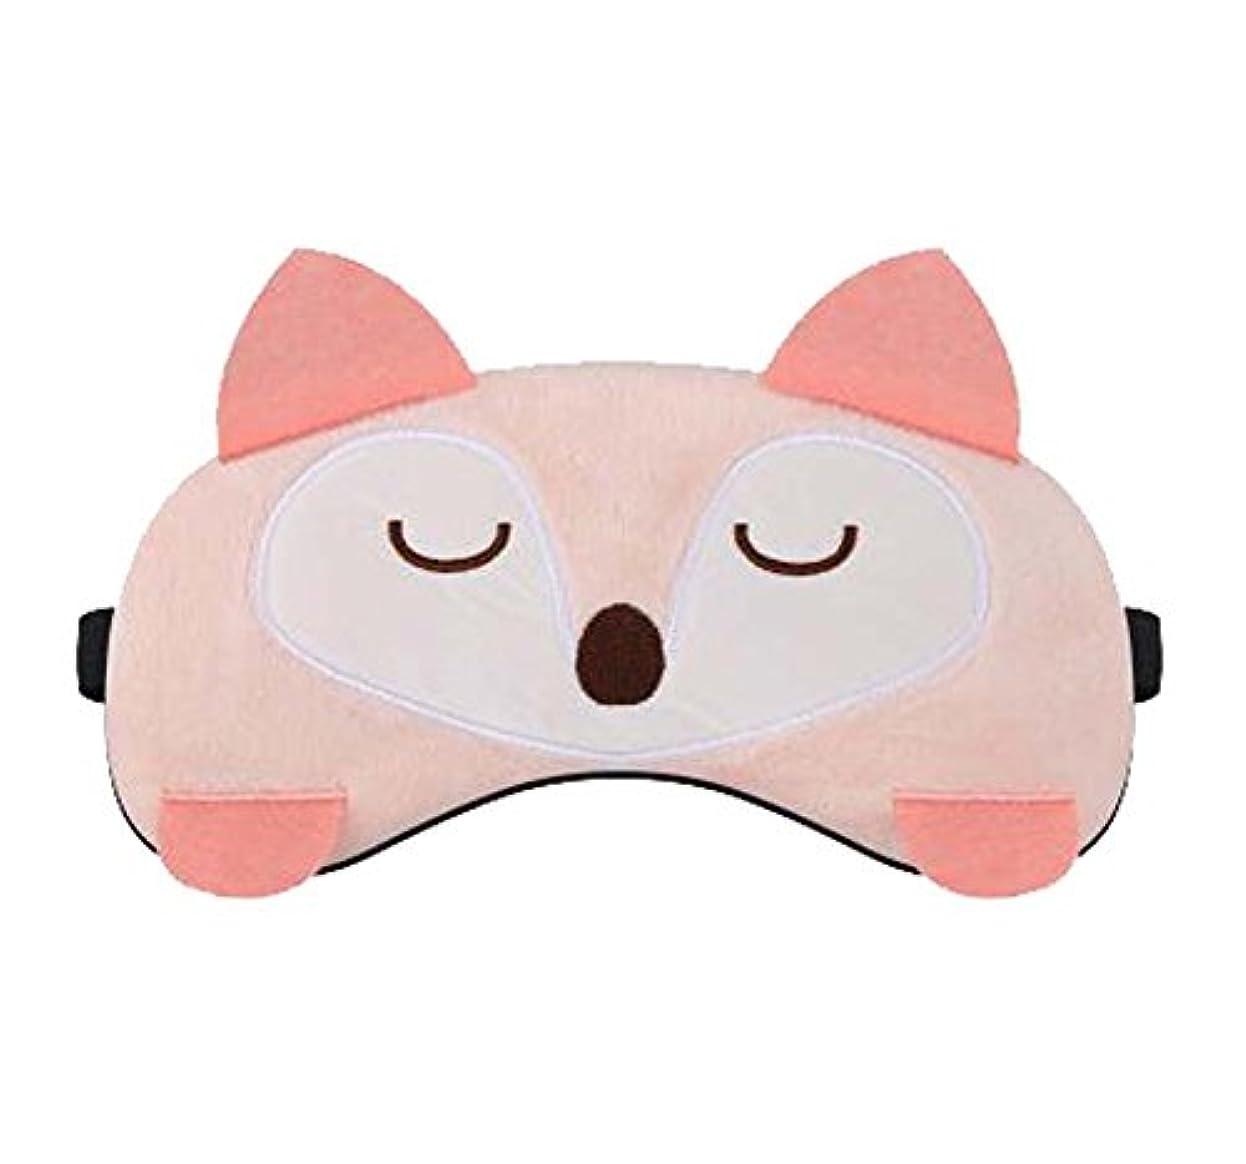 風味法廷誘導かわいい睡眠マスクアイマスク - セラピー不眠症 - 男性、女性、女の子、子供、A